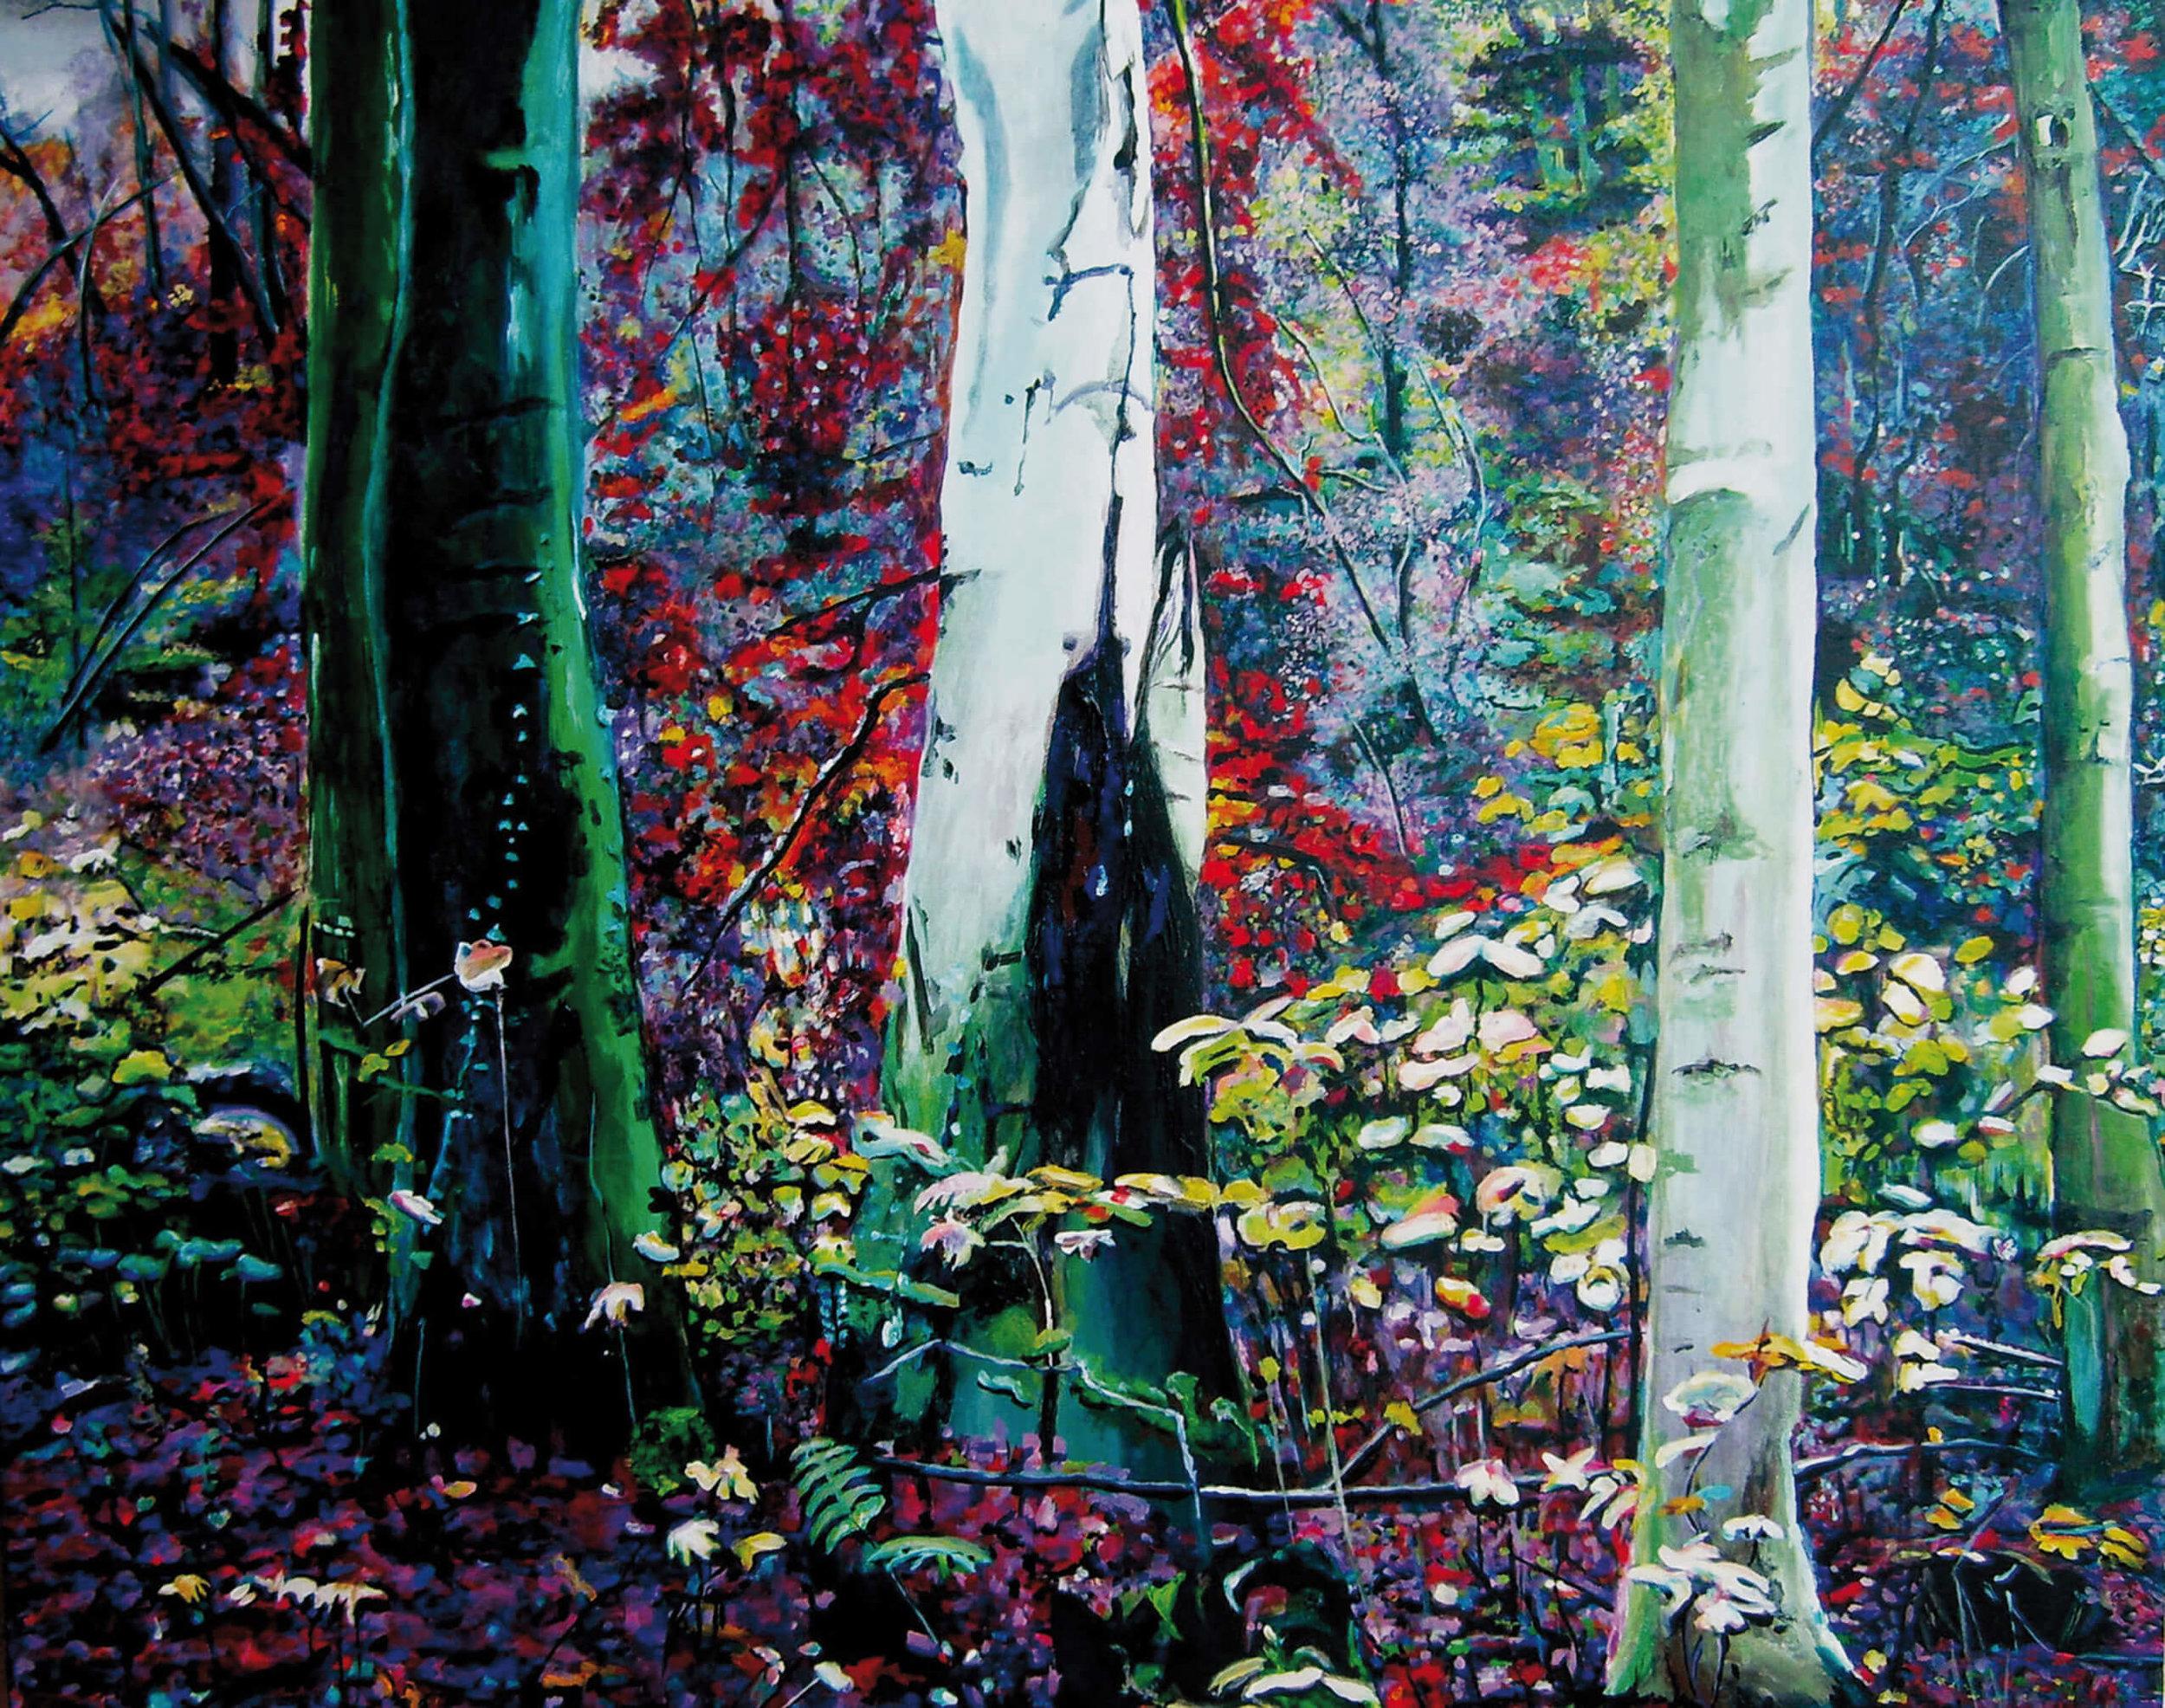 Zauberwald, Acryl auf Leinwand, 80x100x4 cm, 2010, 1800 Euro, verkauft